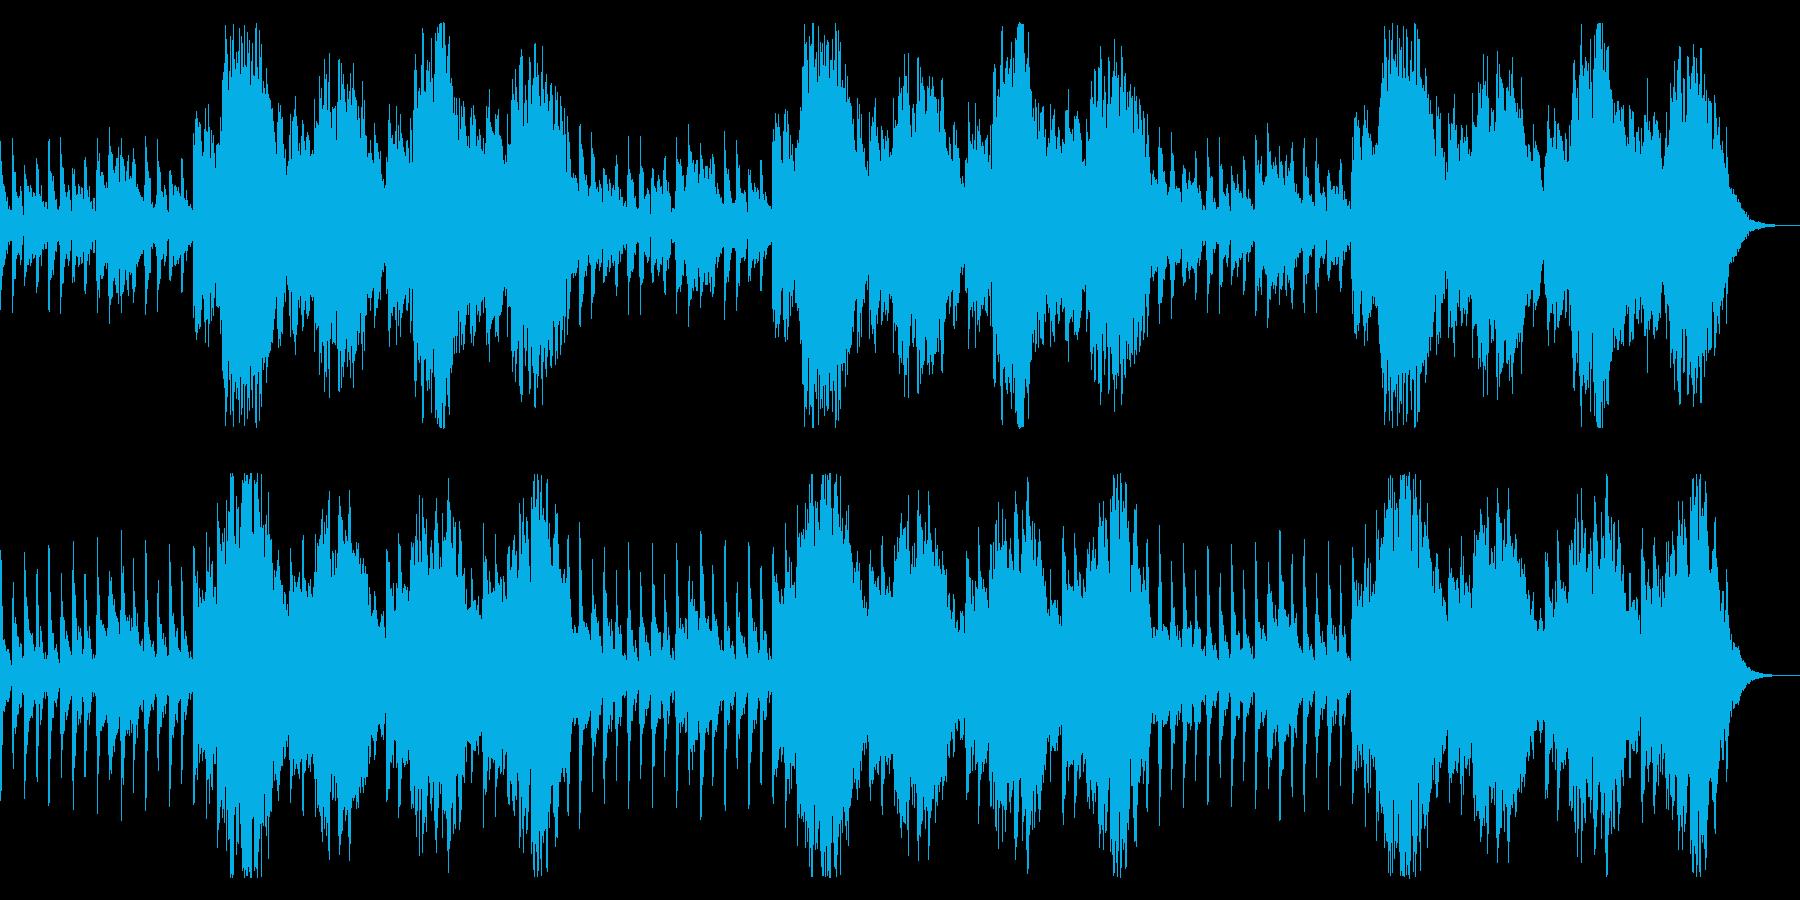 コーラスとピアノ 心霊系、怖いシーン向けの再生済みの波形